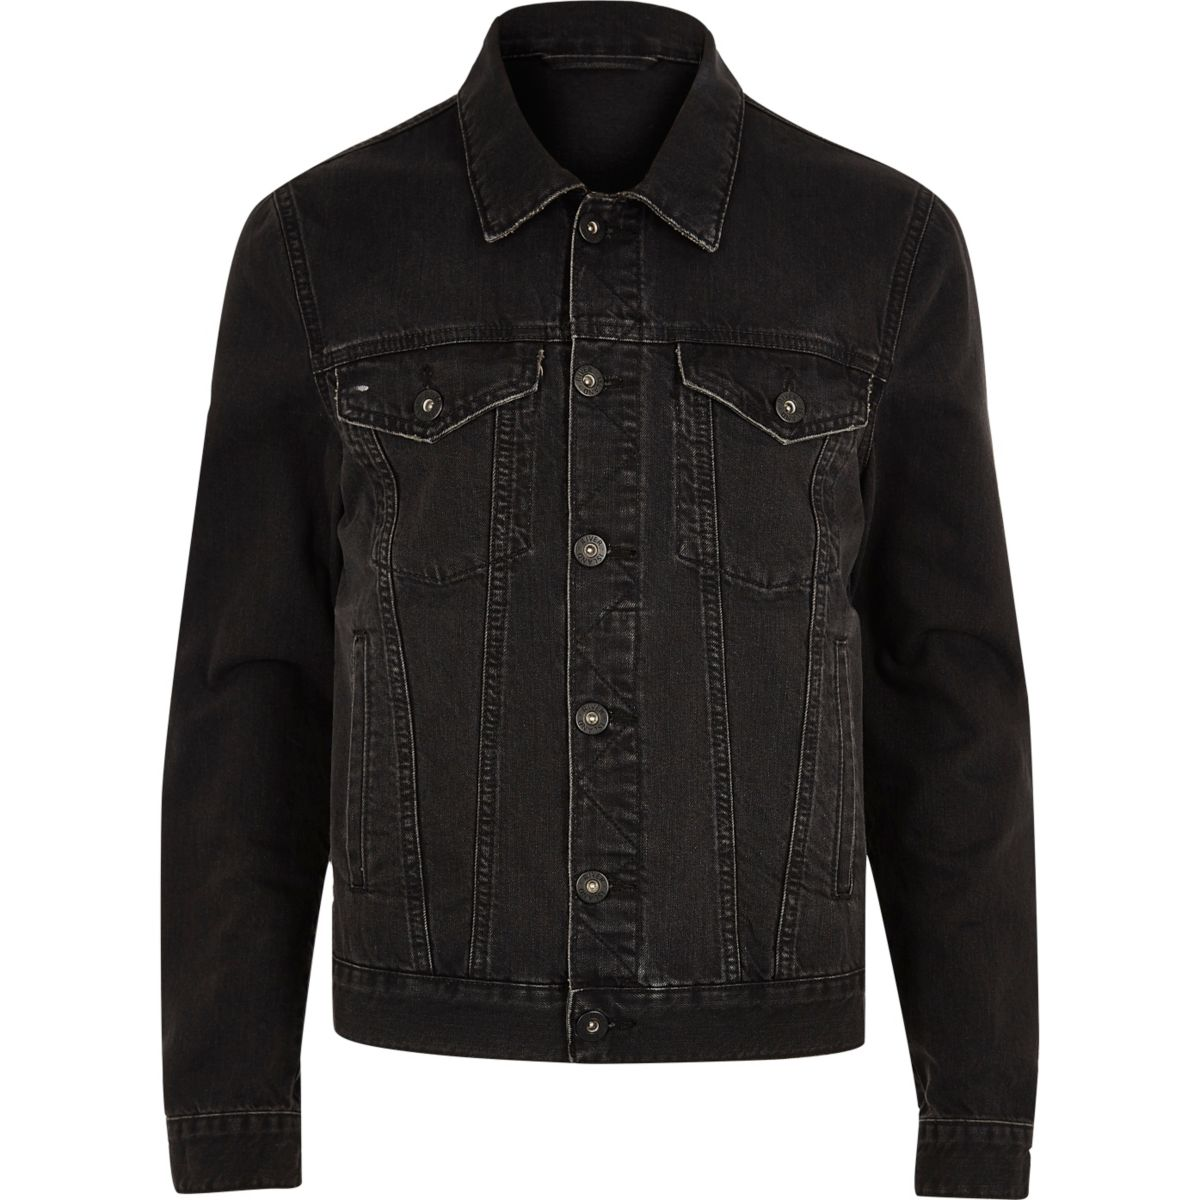 Veste en jean noire aspect usé